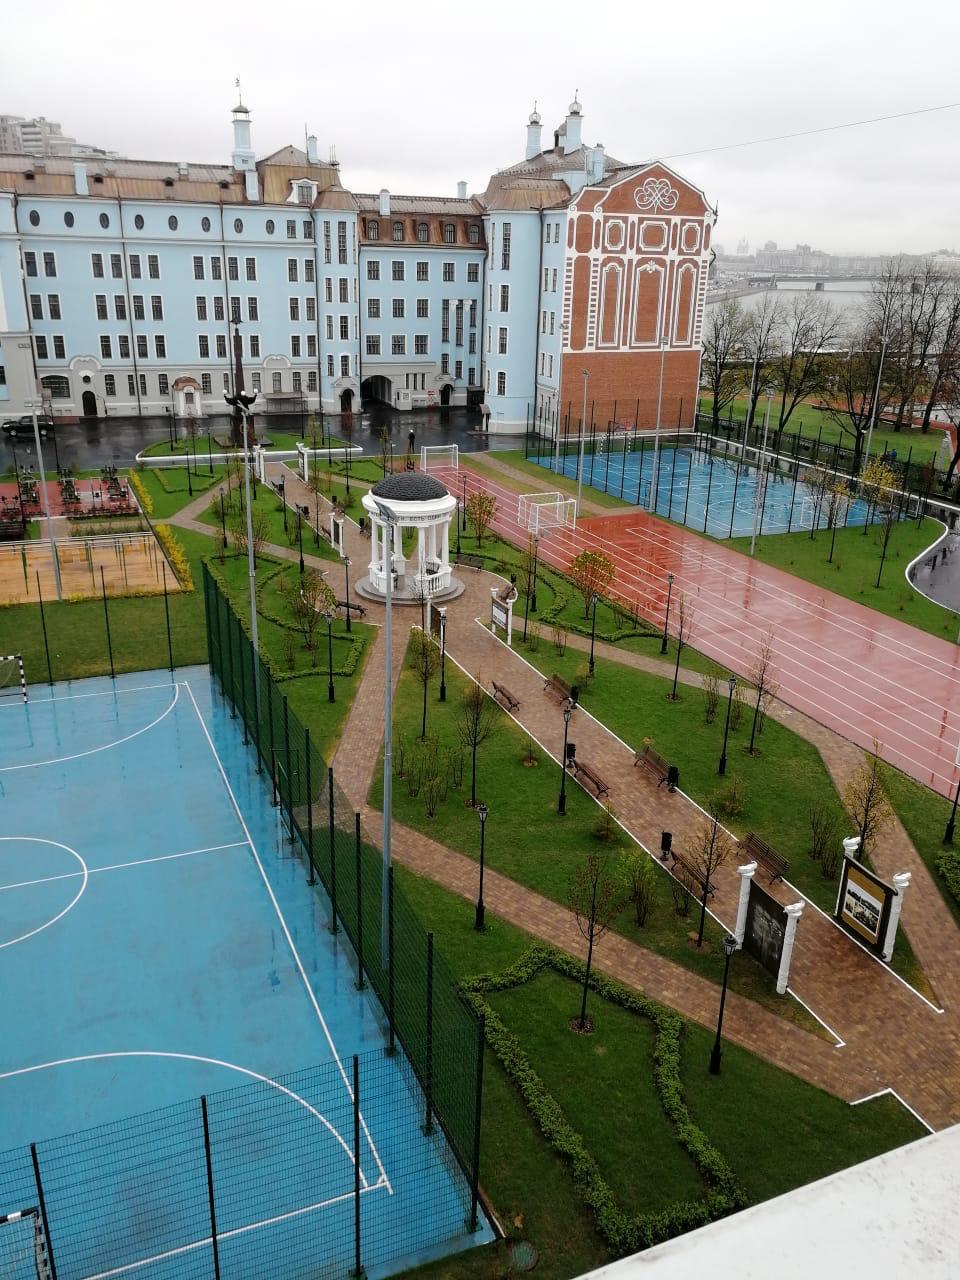 Нахимовское военно-морское училище, Санкт-Петербург